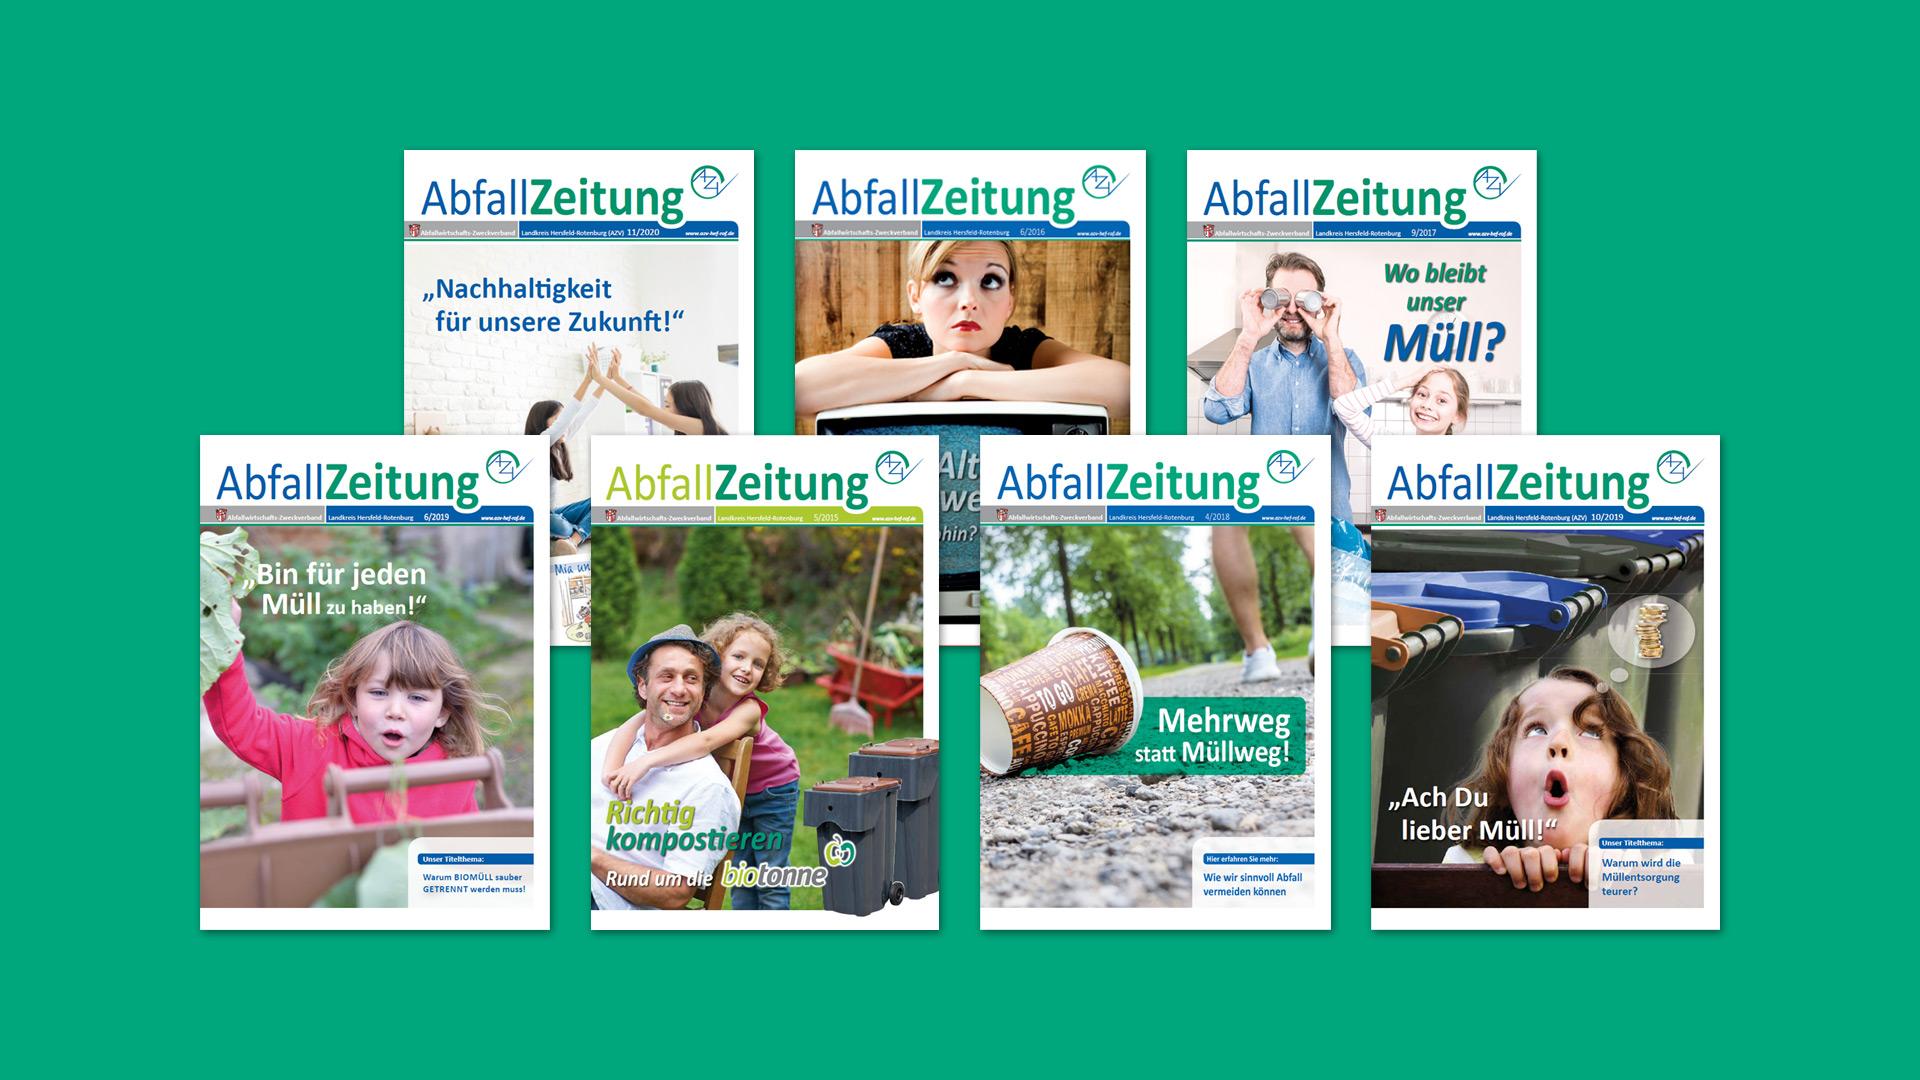 AbfallZeitung des Abfallwirtschafts-Zweckverband Landkreis Hersfeld-Rotenburg (AZV)